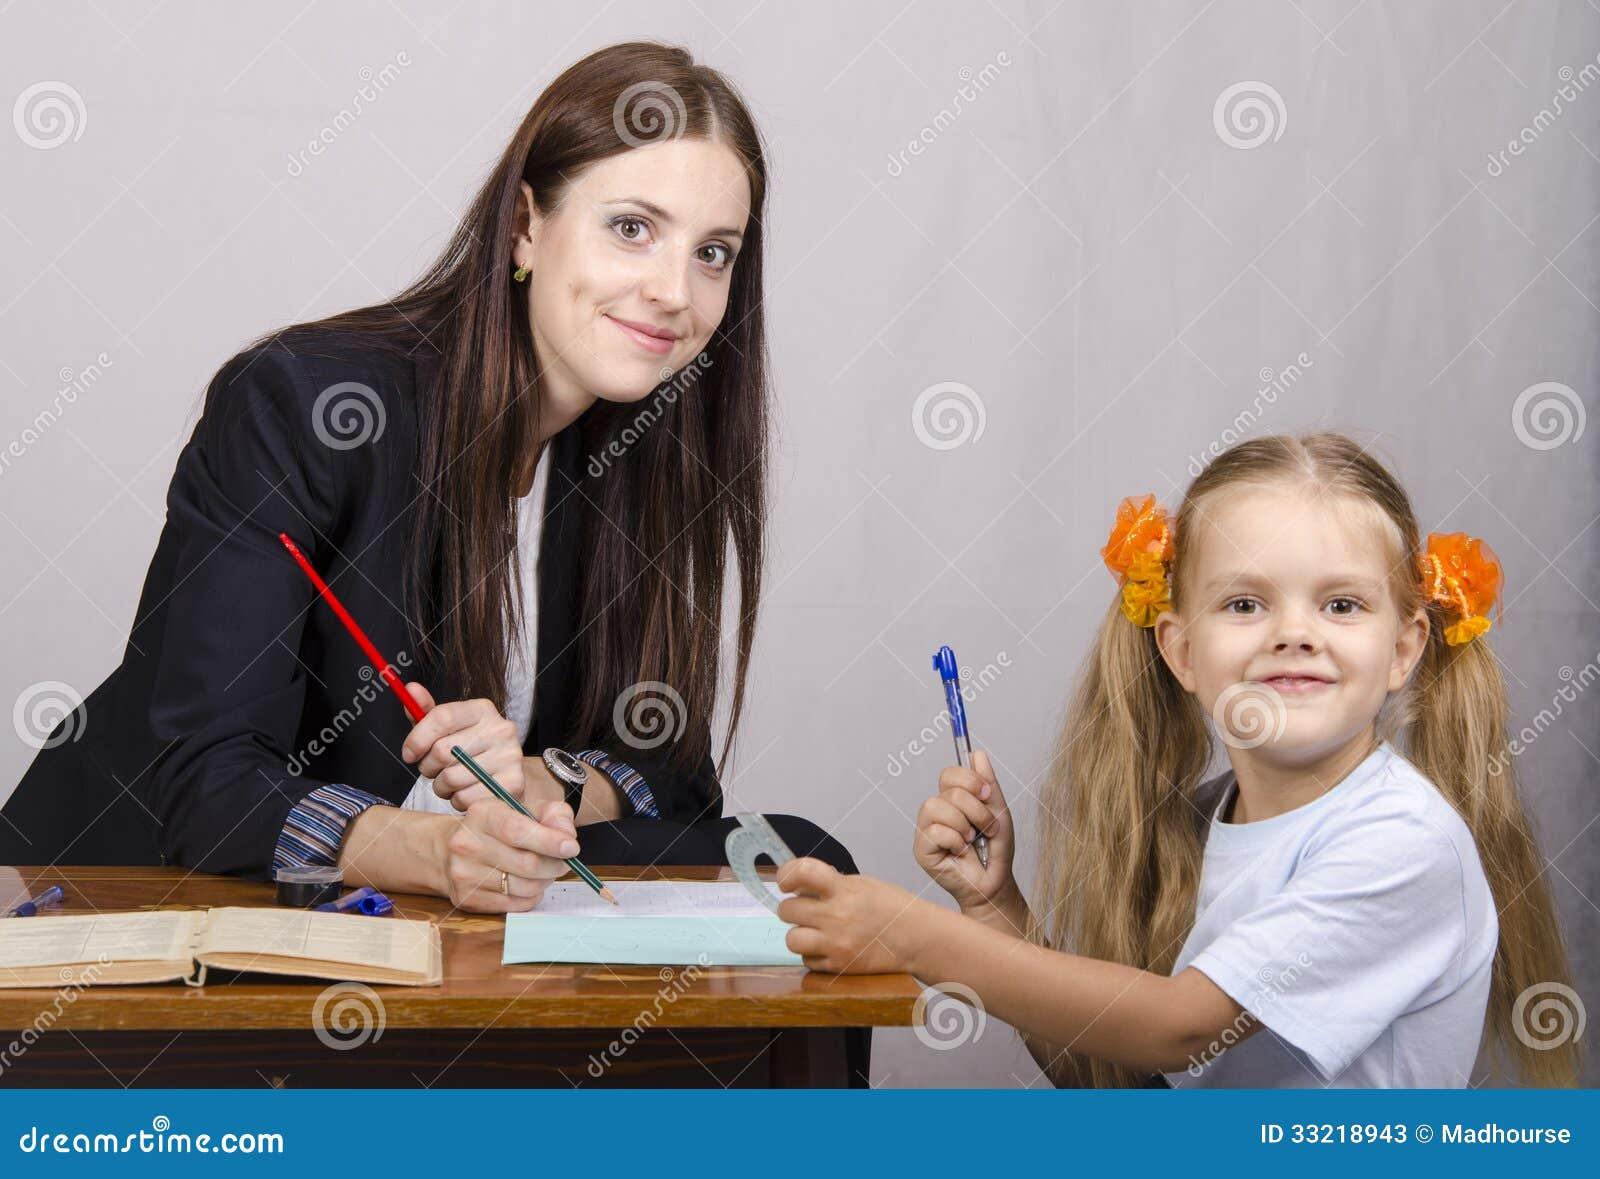 Смотреть бесплатно учитель и ученица 3 фотография